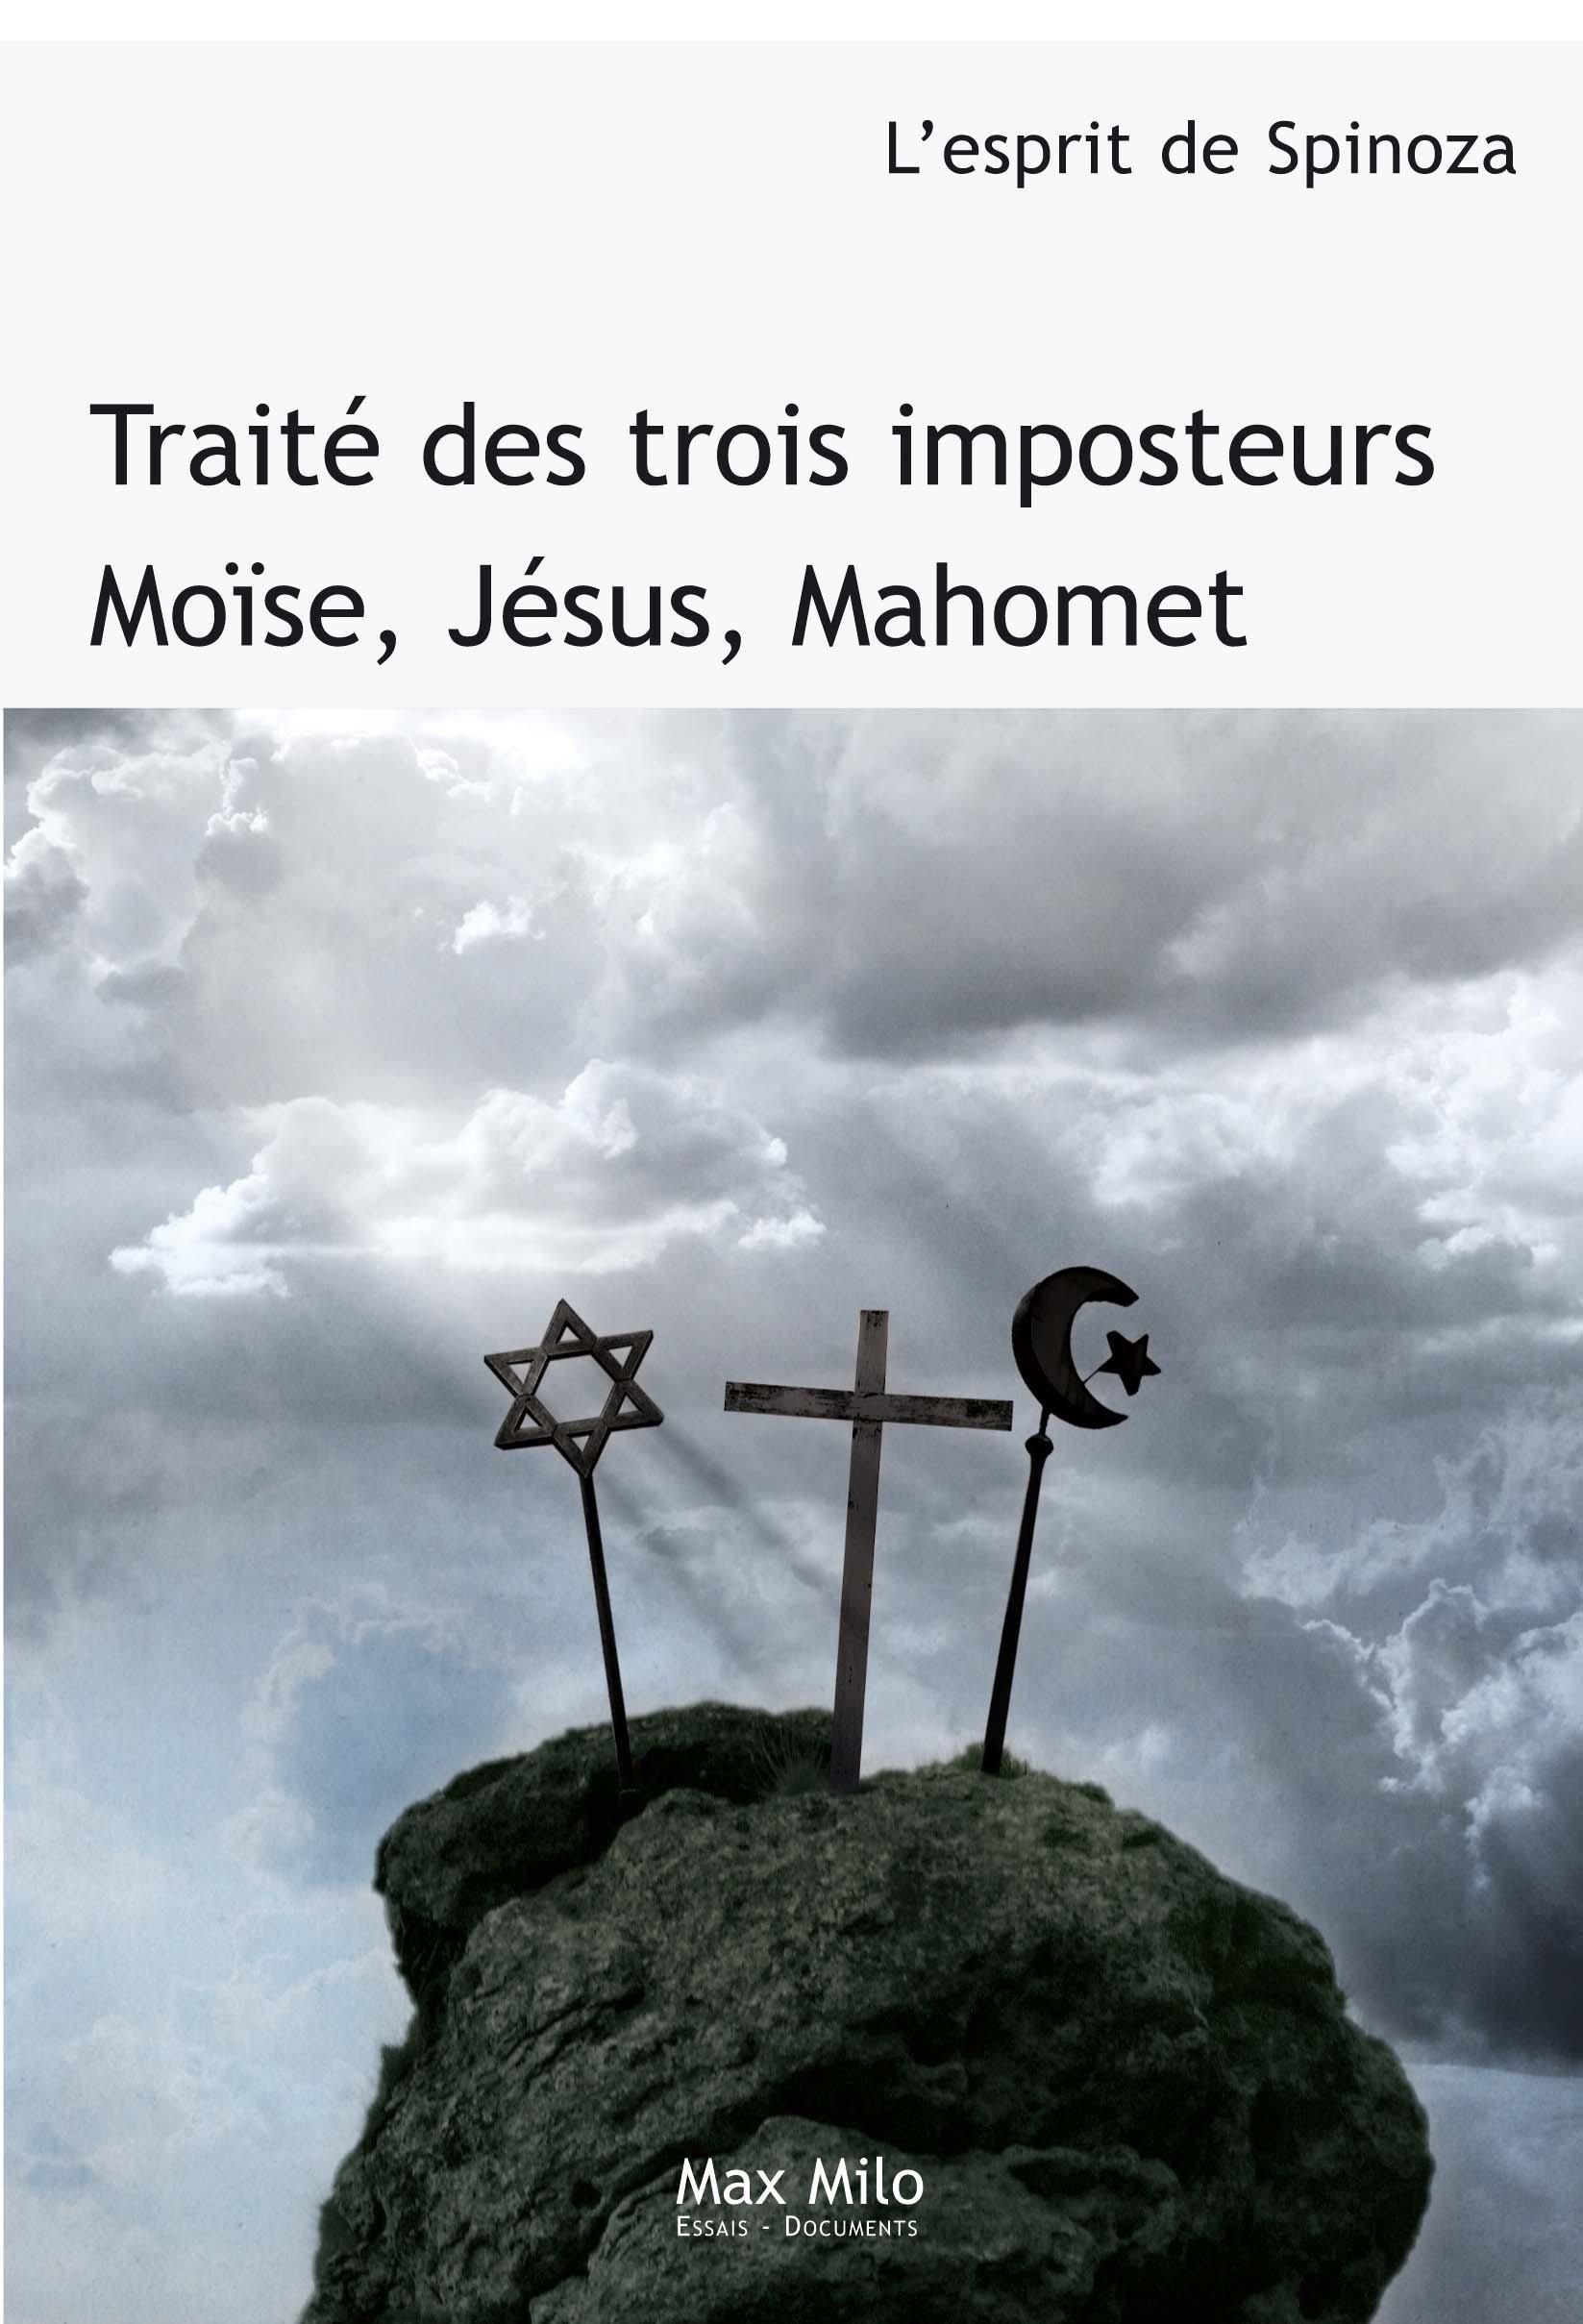 Traité des trois imposteurs : Moise, Jésus, Maho...